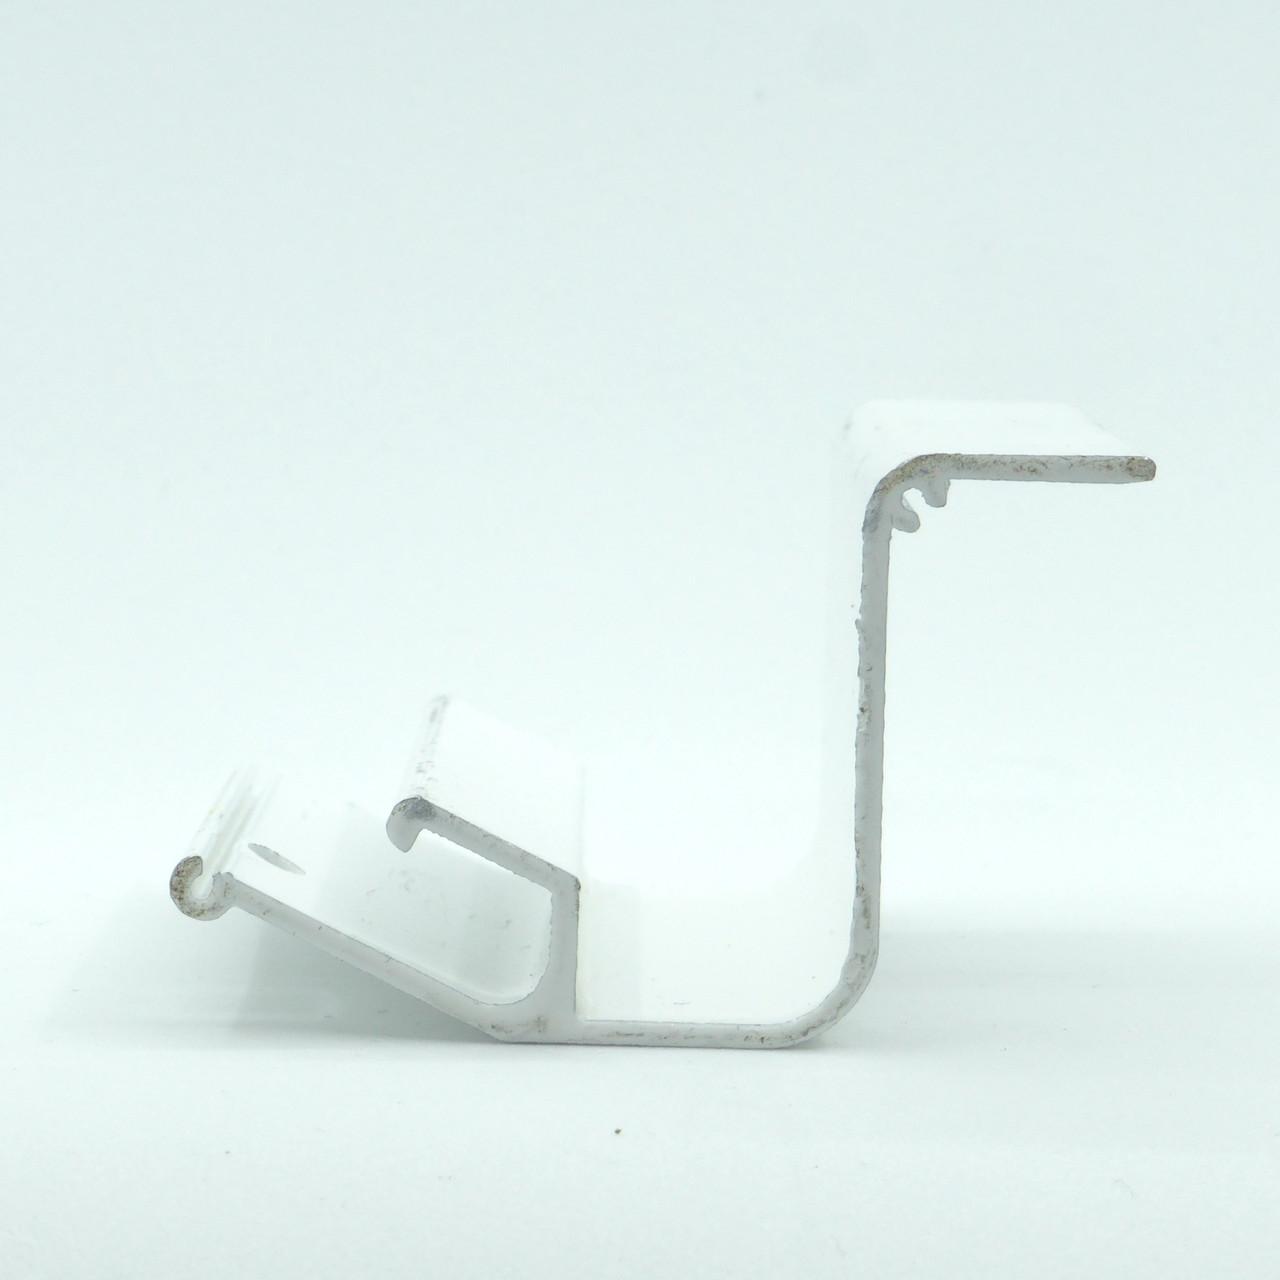 Профиль алюминиевый - парящий, усиленный, крашеный белый, без вставки №3. Длина профиля 2,5 м.